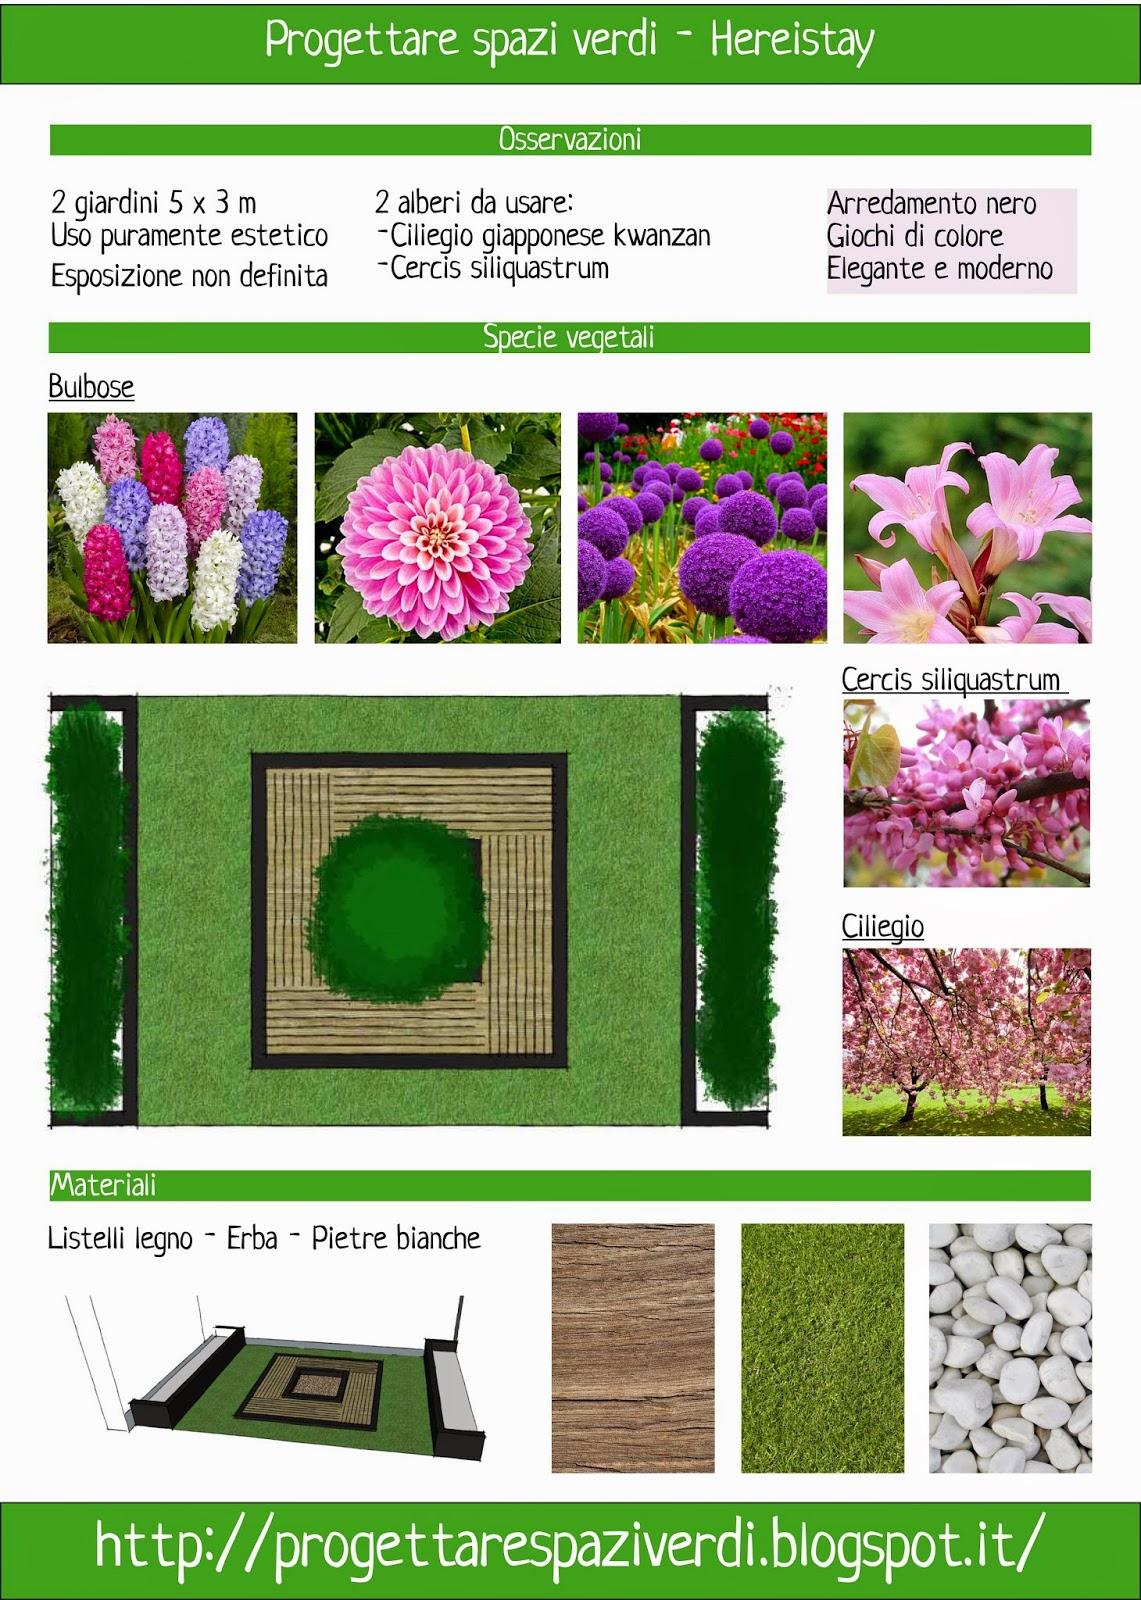 Progettare spazi verdi piccolo giardino partendo da zero for Progettare spazi verdi